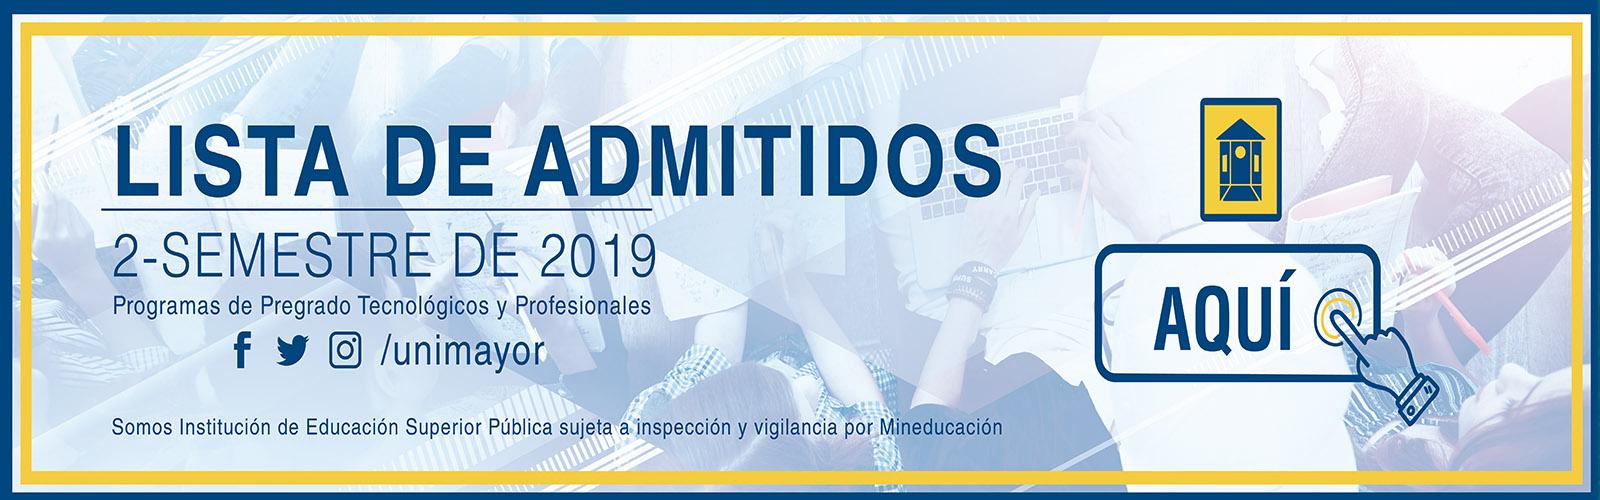 Banner_Admitidos_II_2019